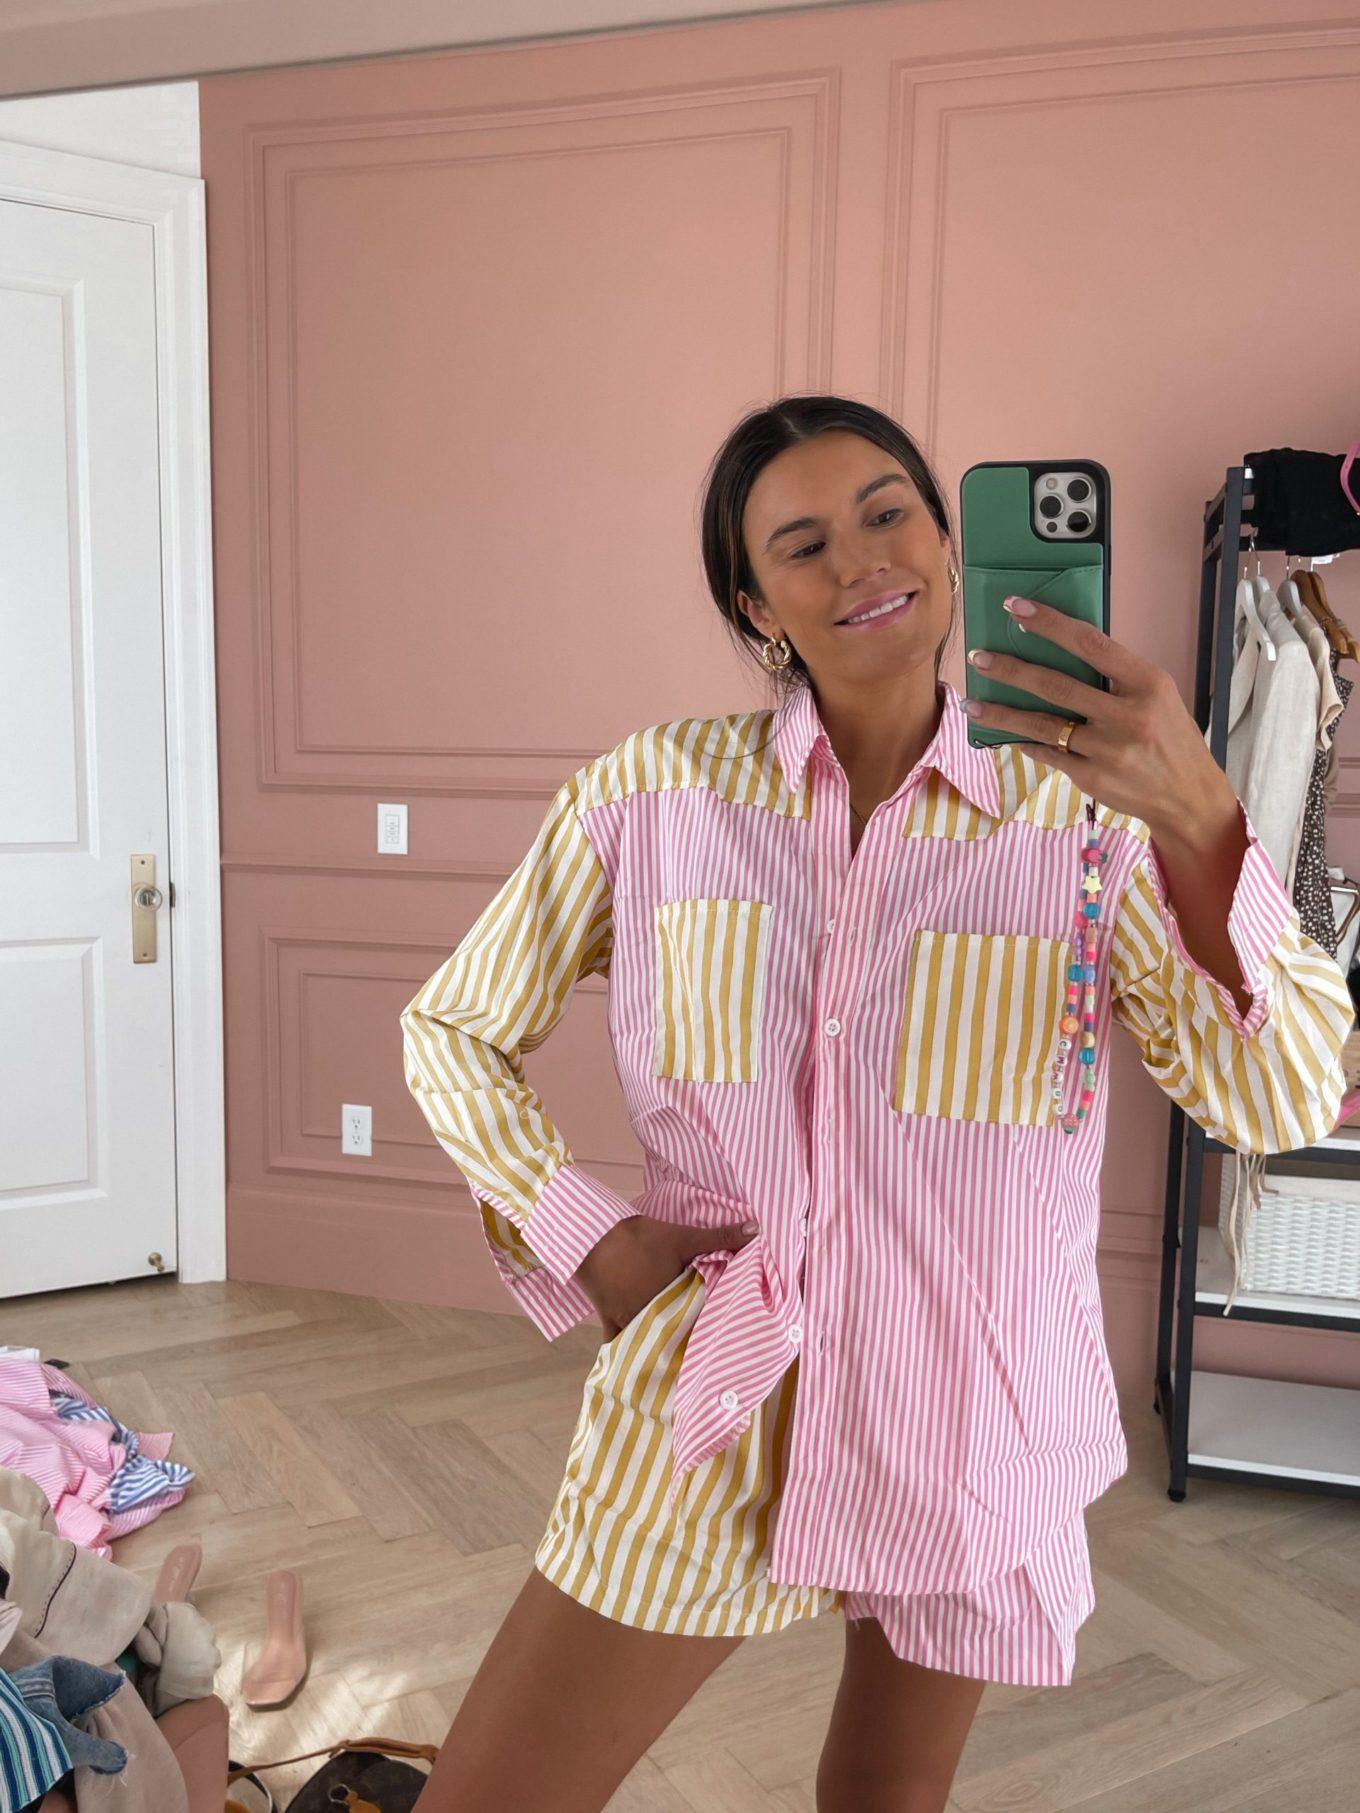 amazon, august outfits, amazon fashion